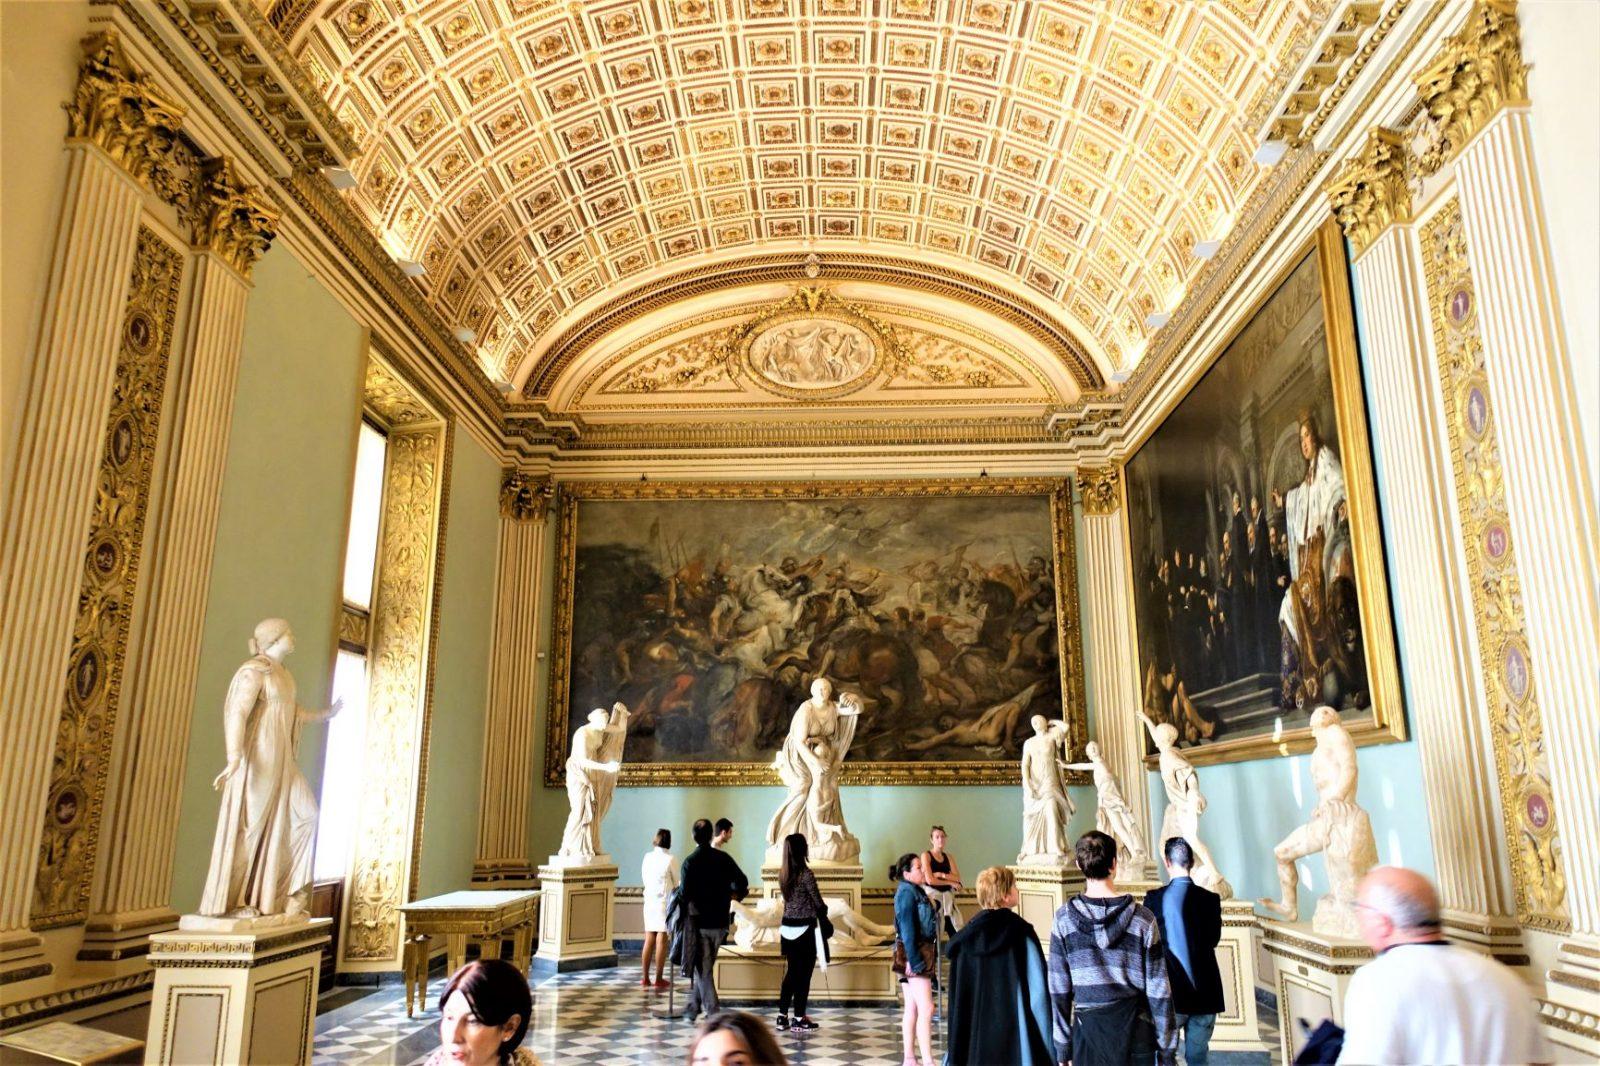 Ufizzi galleriet i Firenze